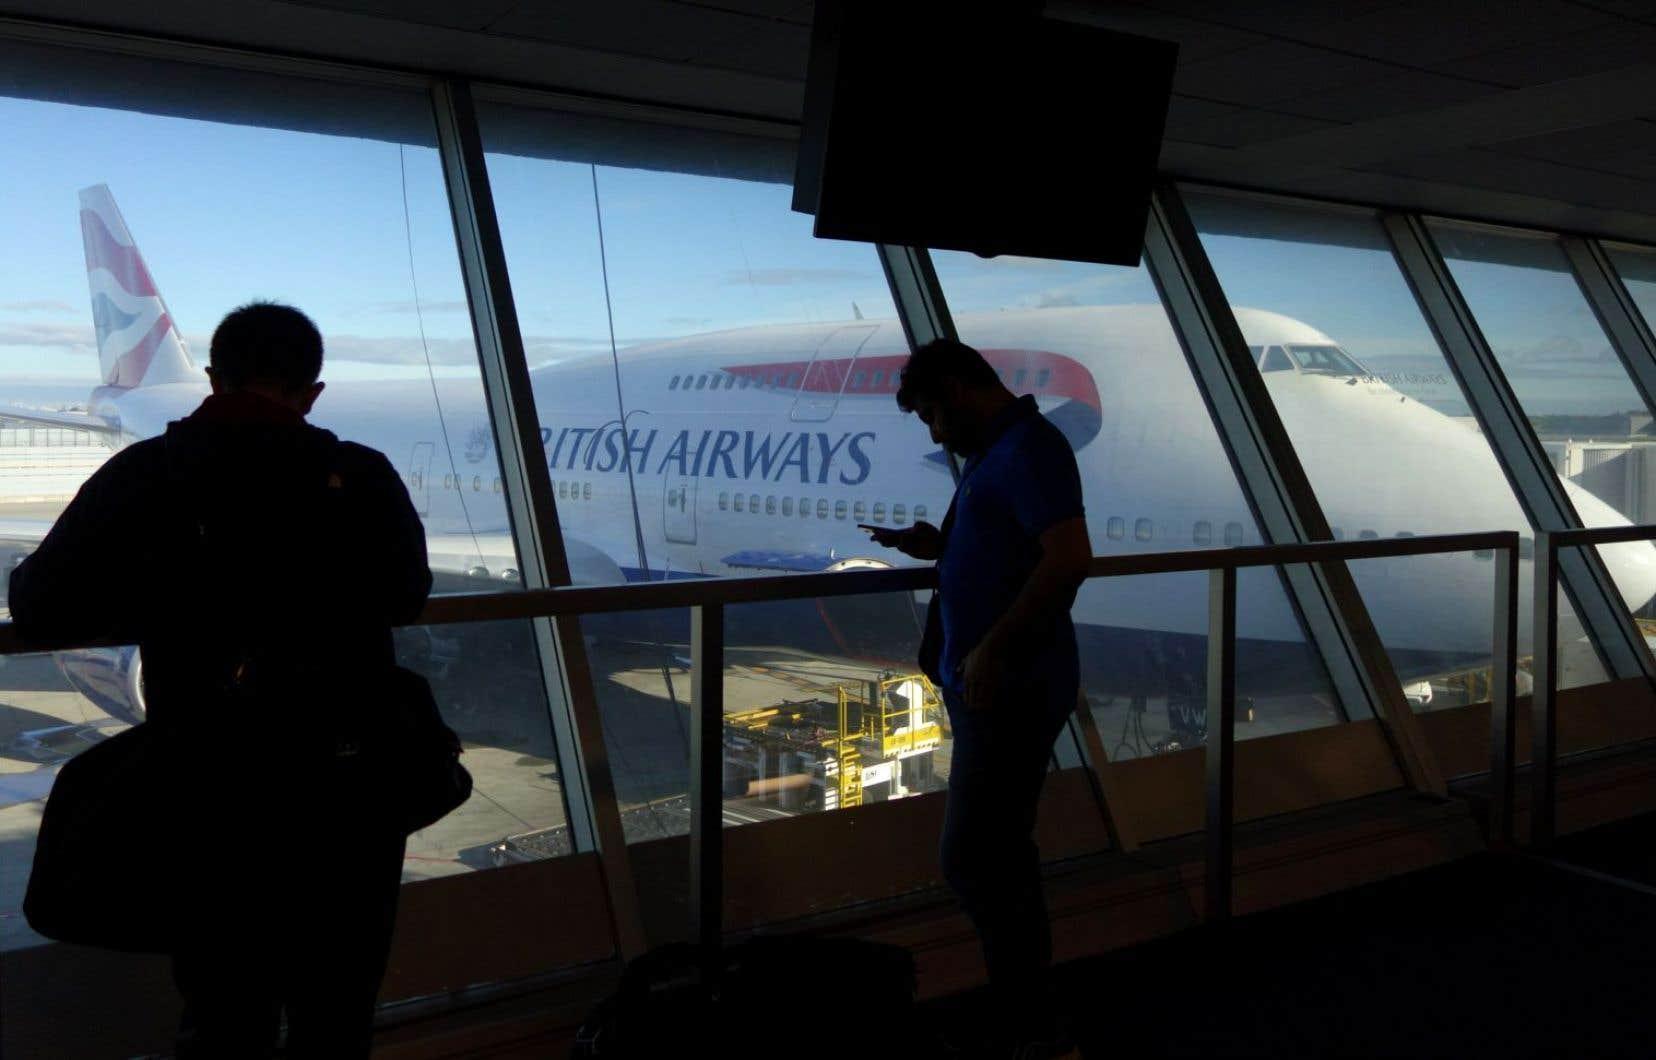 <p>Depuis samedi, des problèmes d'alimentation électrique ont causé une vaste panne dans les systèmes informatiques de la compagnie, provoquant des annulations et retards en série sur ses vols.</p>